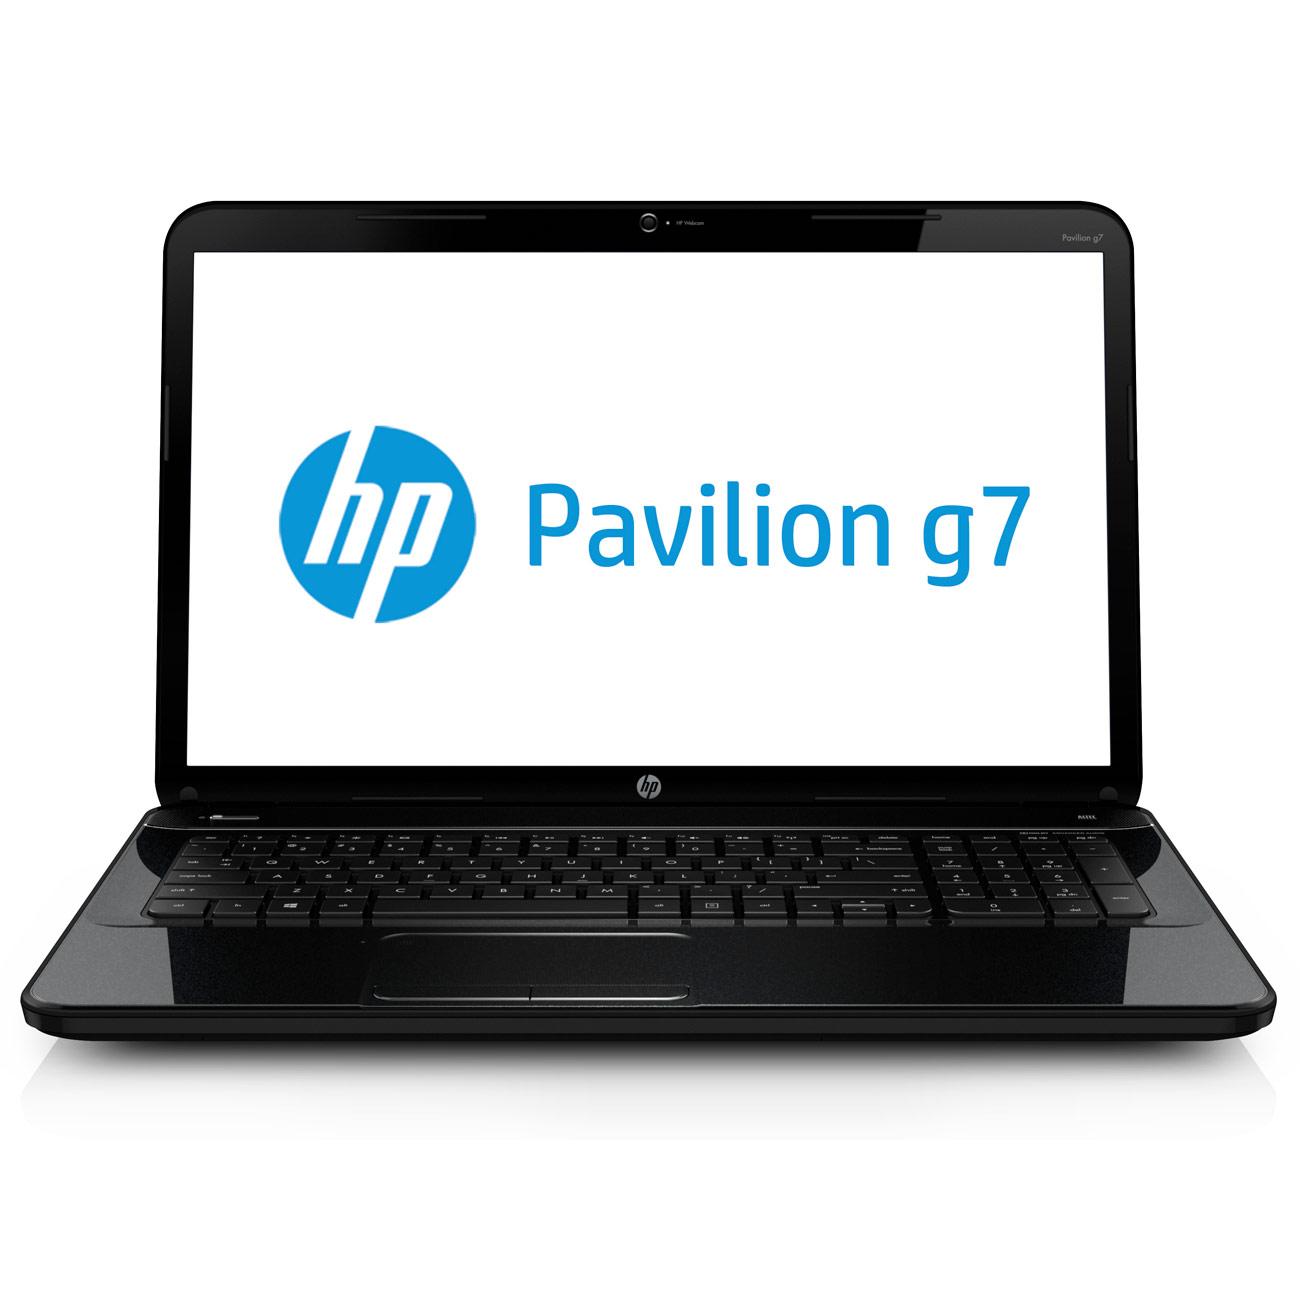 Hp pavilion g7 2342sf d2g03ea pc portable hp sur - Batterie ordinateur portable hp pavilion g7 ...